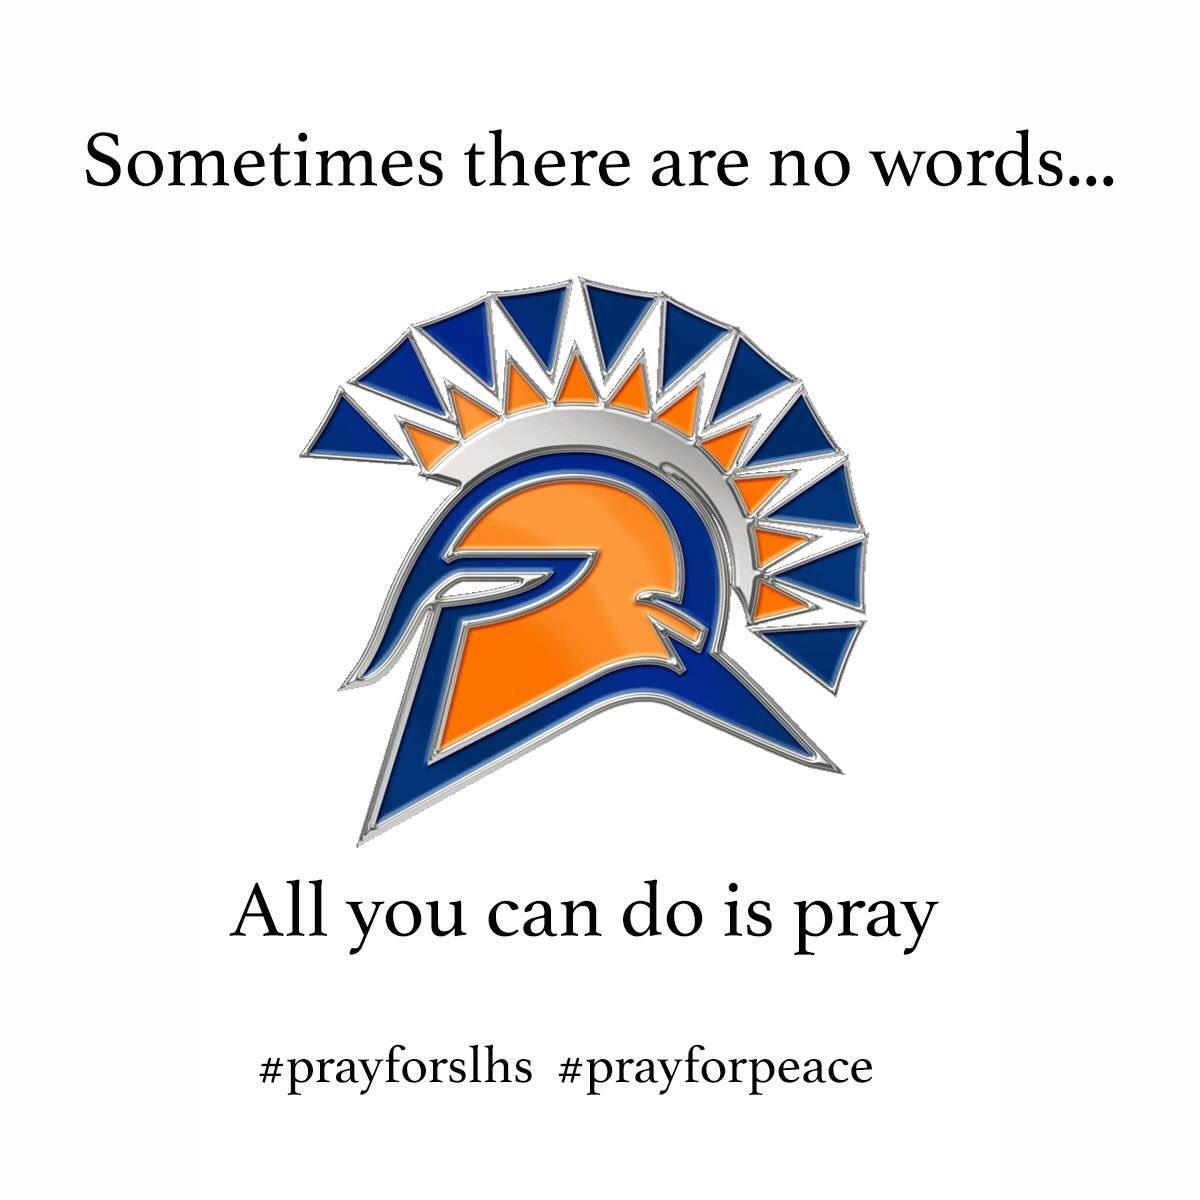 My heart is broken for #slhs #prayforslhs https://t.co/eaiSYdbURV